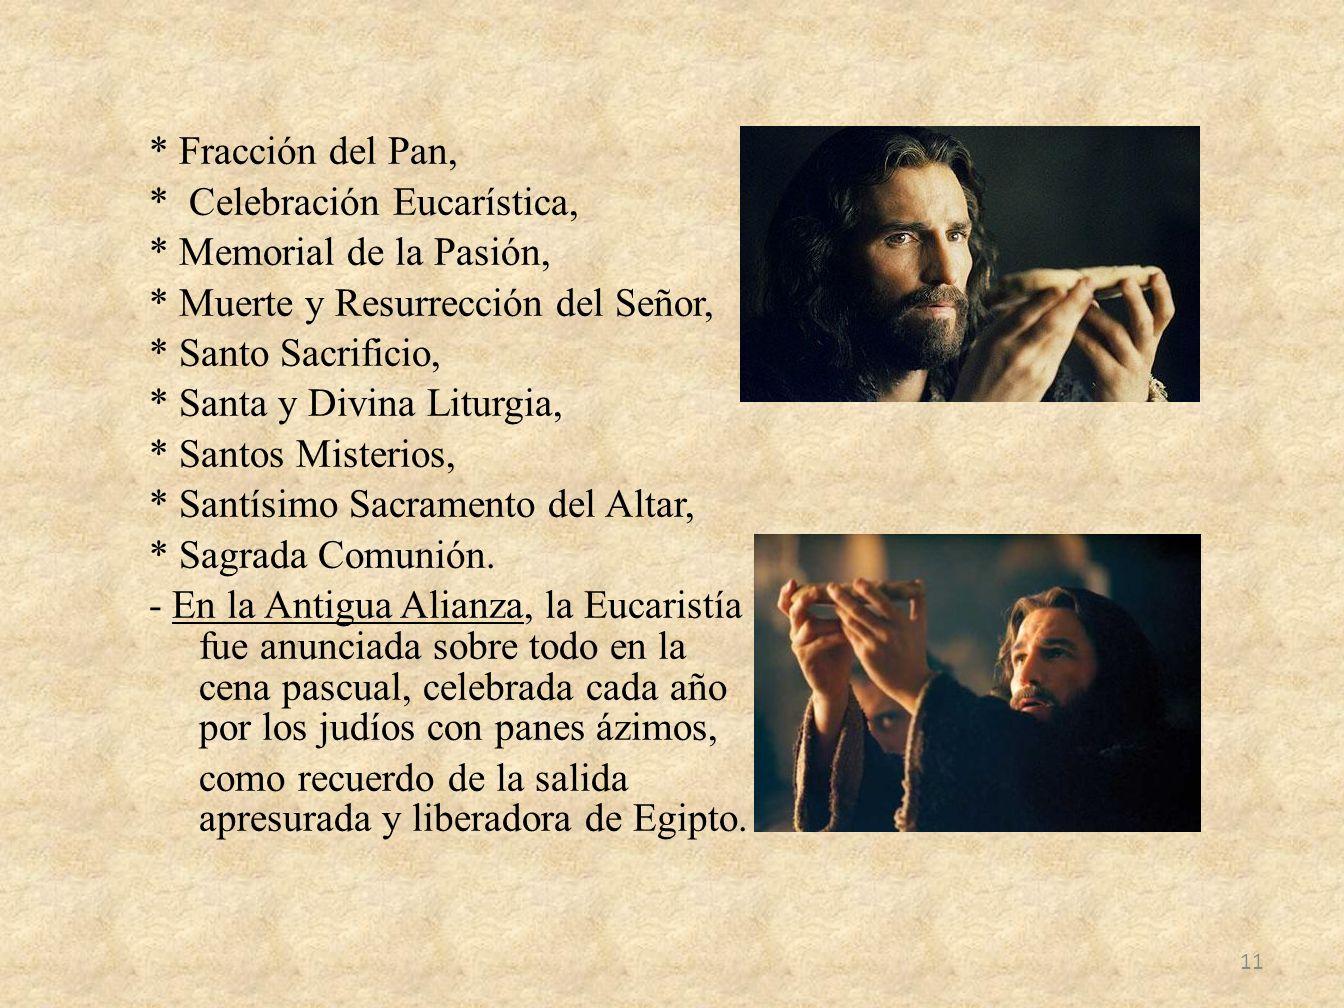 * Fracción del Pan, * Celebración Eucarística, * Memorial de la Pasión, * Muerte y Resurrección del Señor, * Santo Sacrificio, * Santa y Divina Liturg